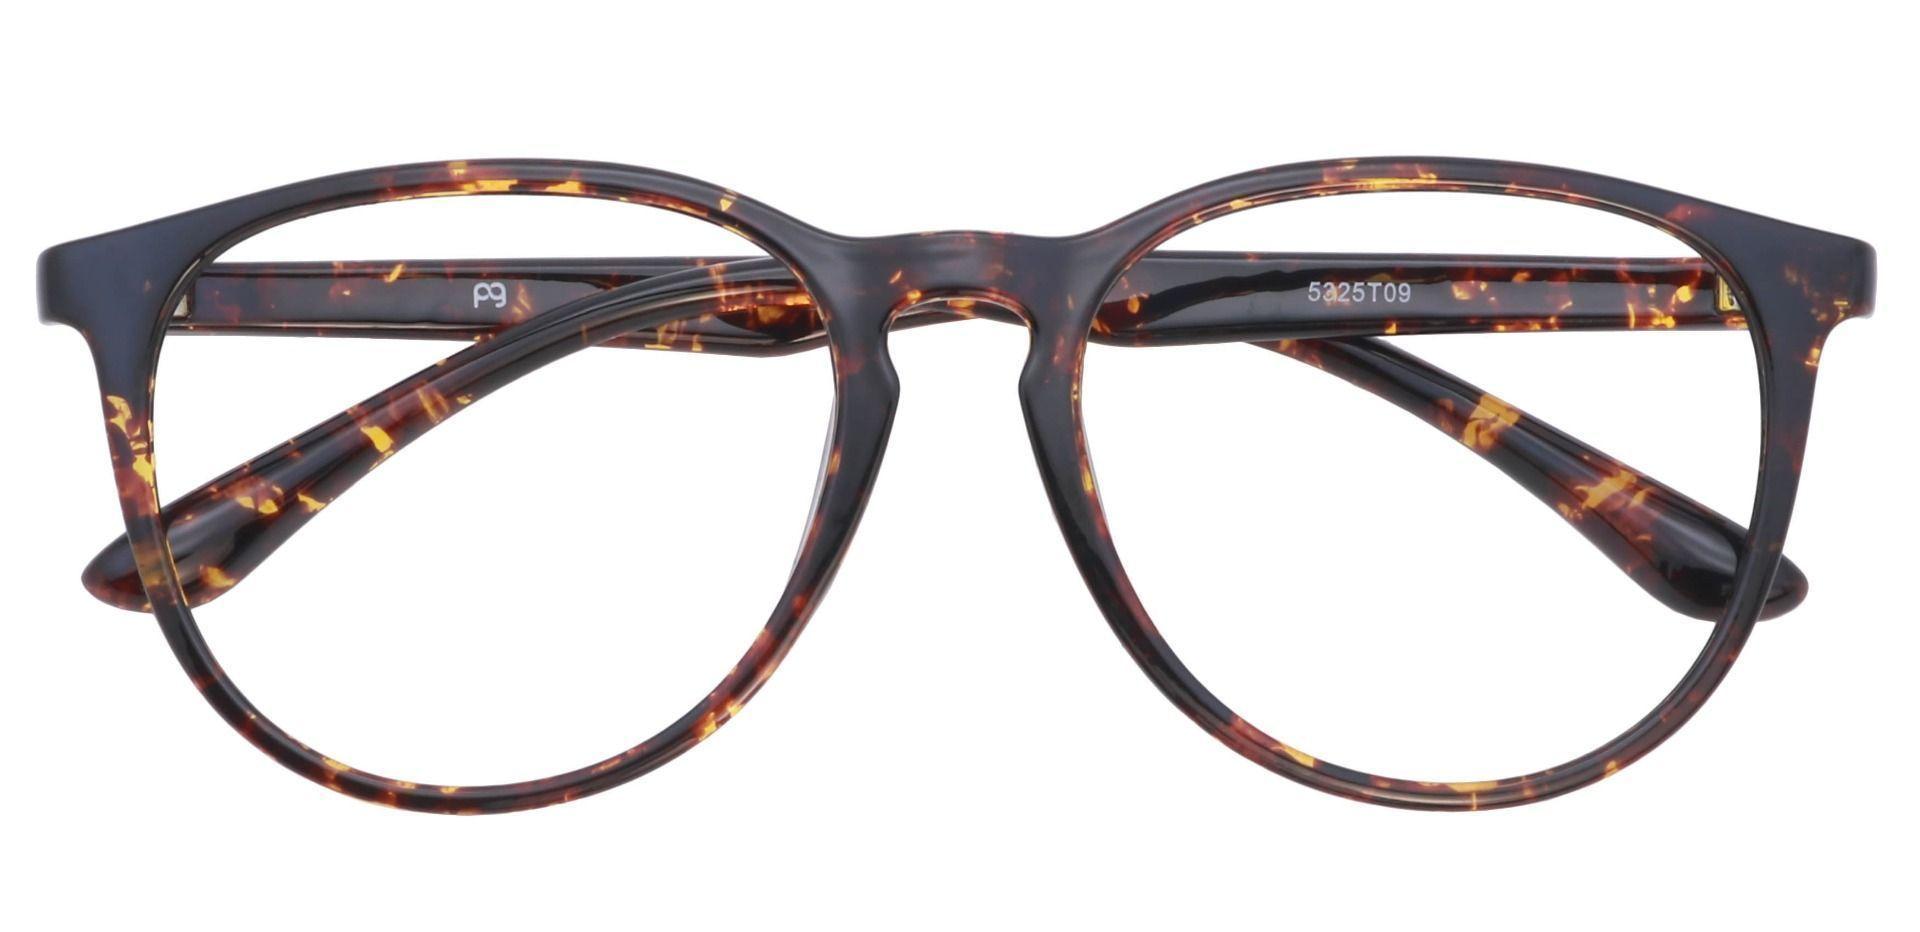 Maple Oversized Oval Prescription Glasses - Tortoiseshell